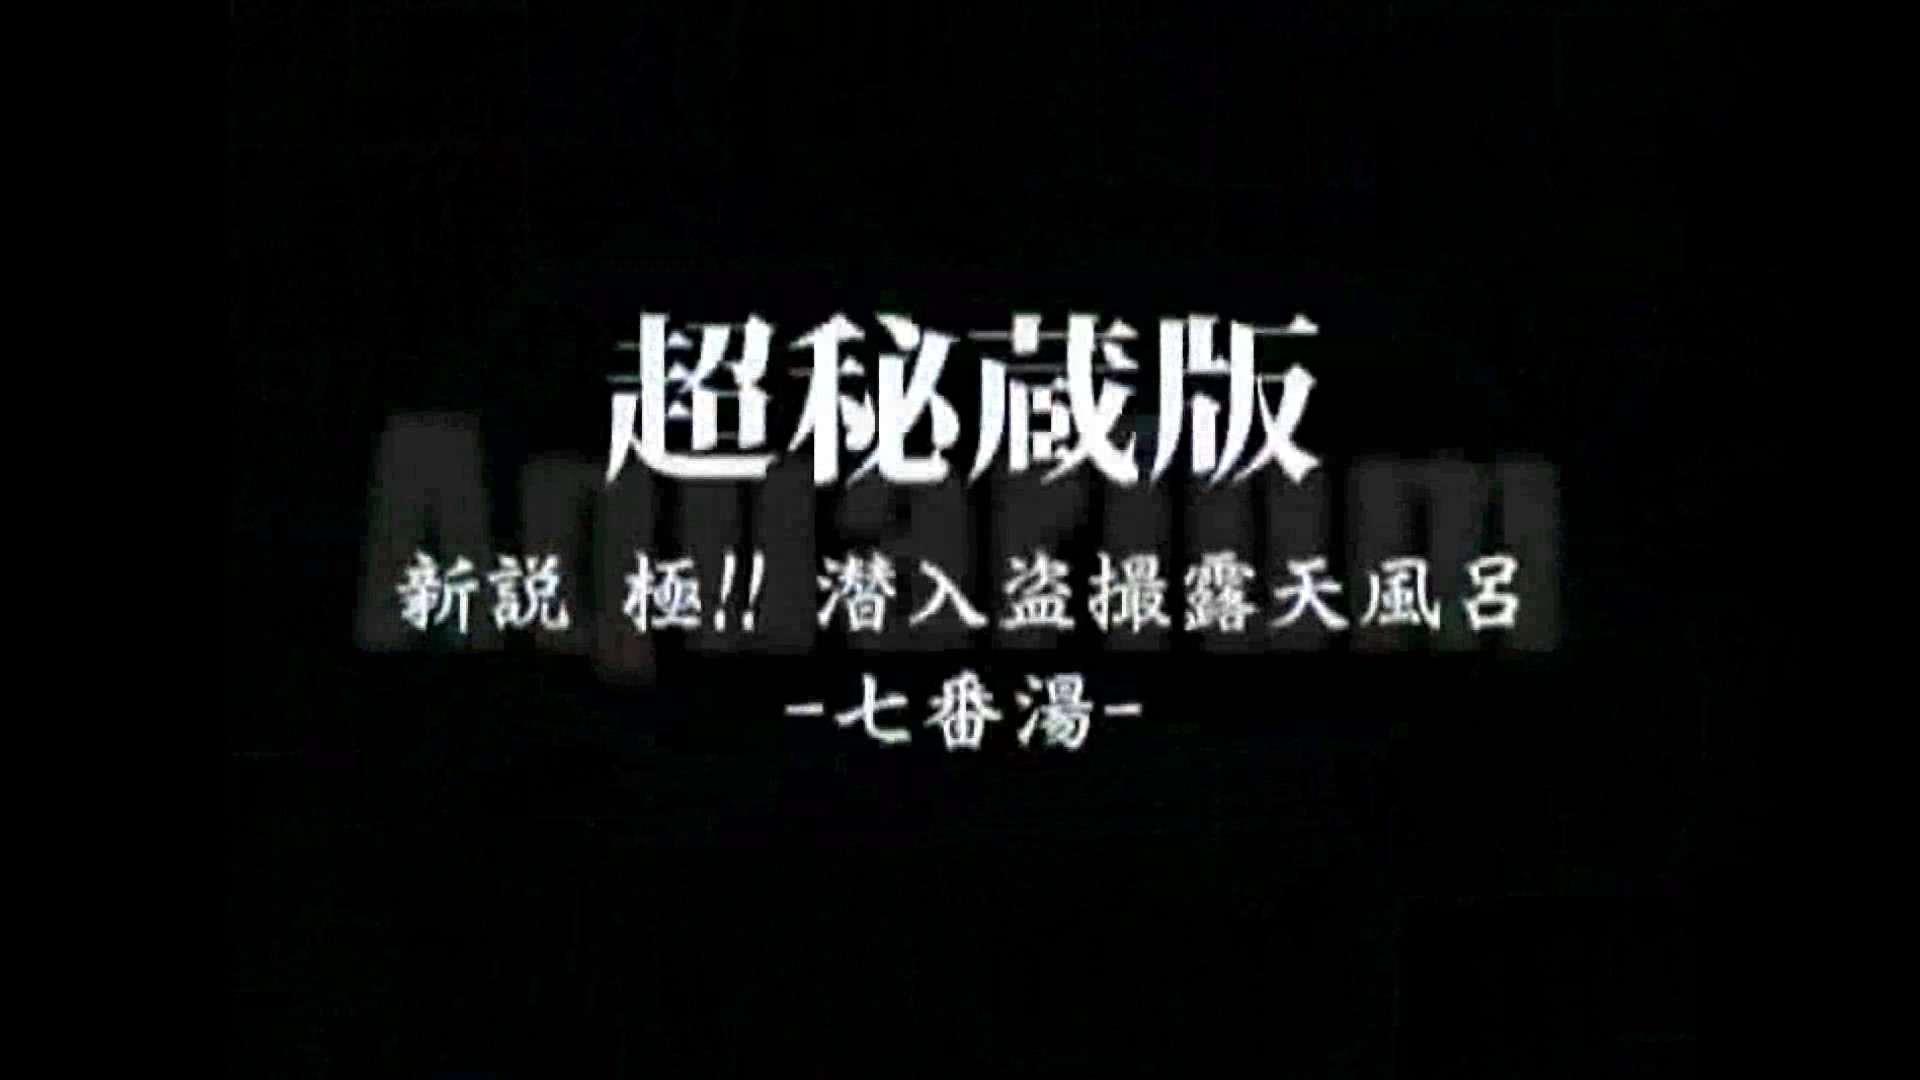 Aquaな露天風呂Vol.871潜入盗撮露天風呂七判湯 其の弐 盗撮 | 潜入シリーズ  59pic 2